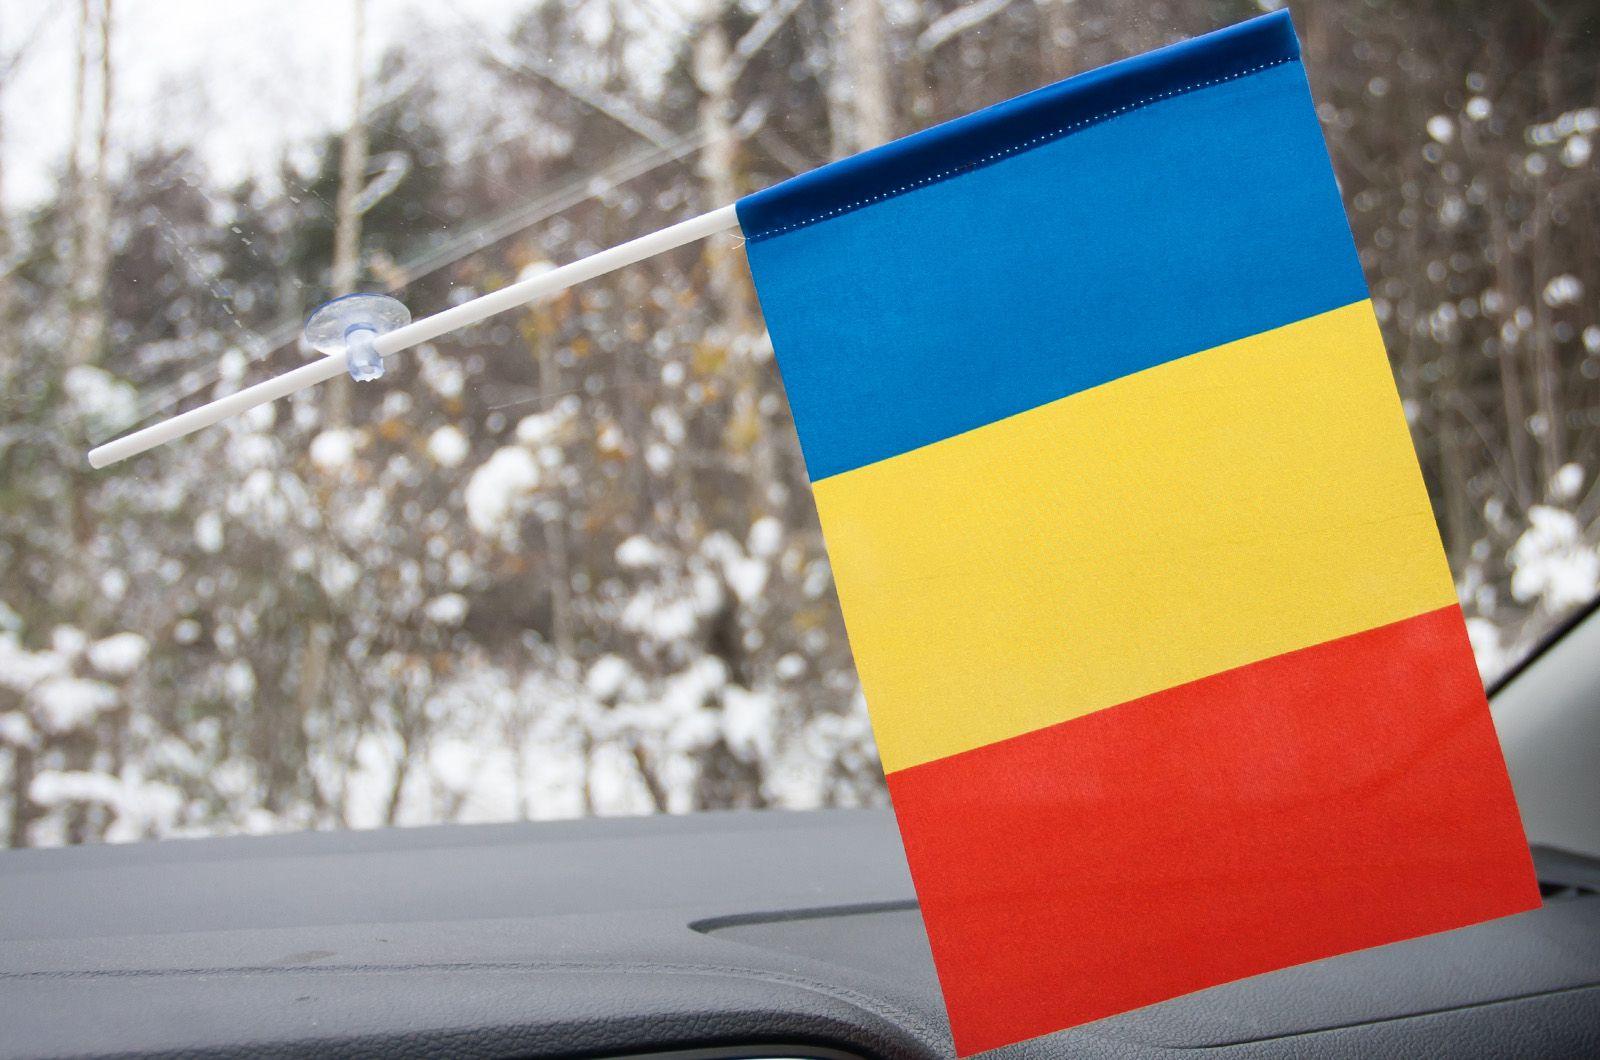 Румынский флажок на присоске